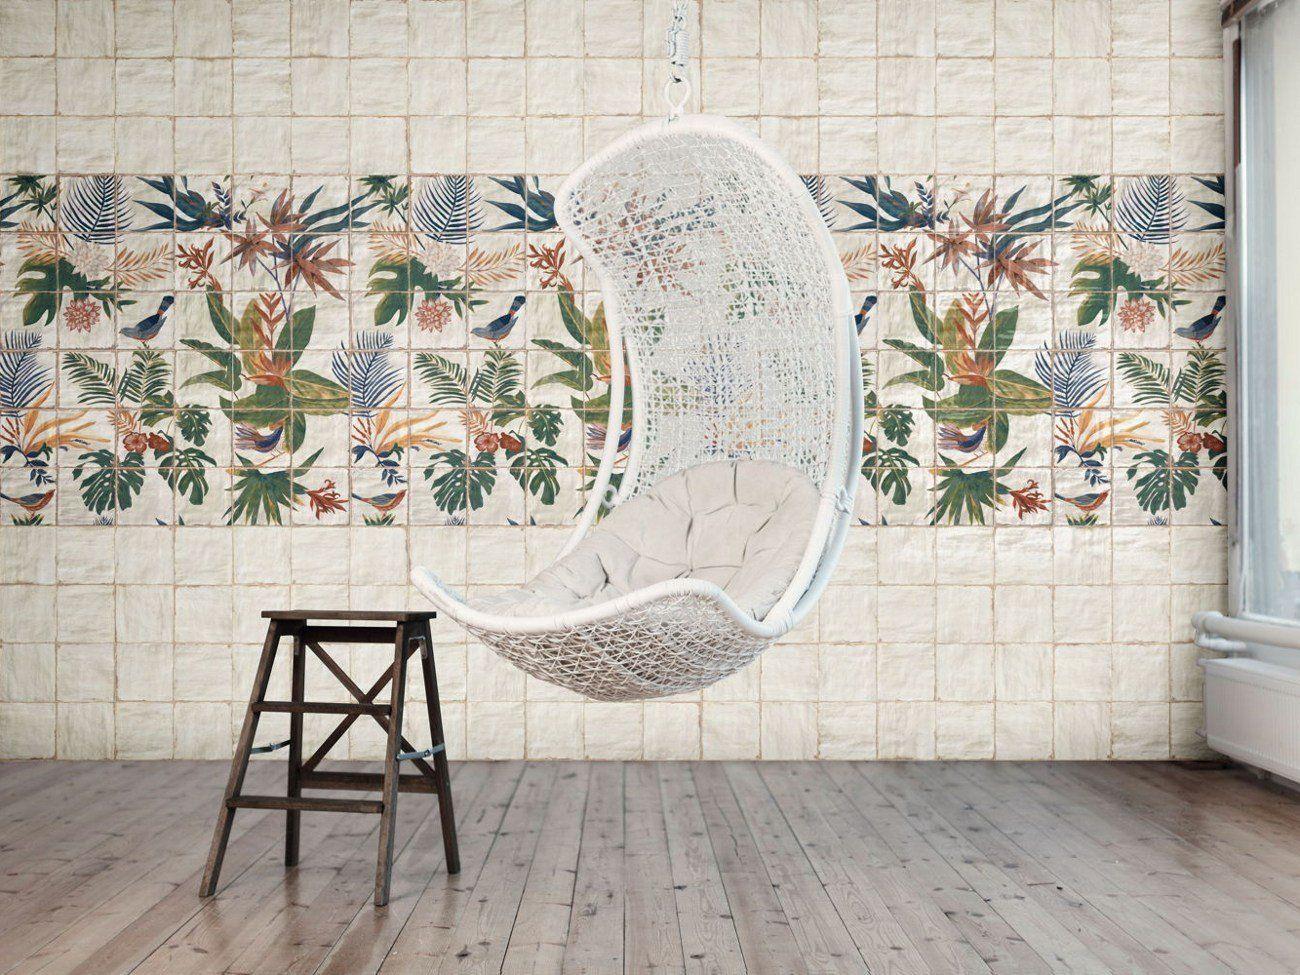 La ceramica spagnola al cersaie for Interni moderni case spagnole